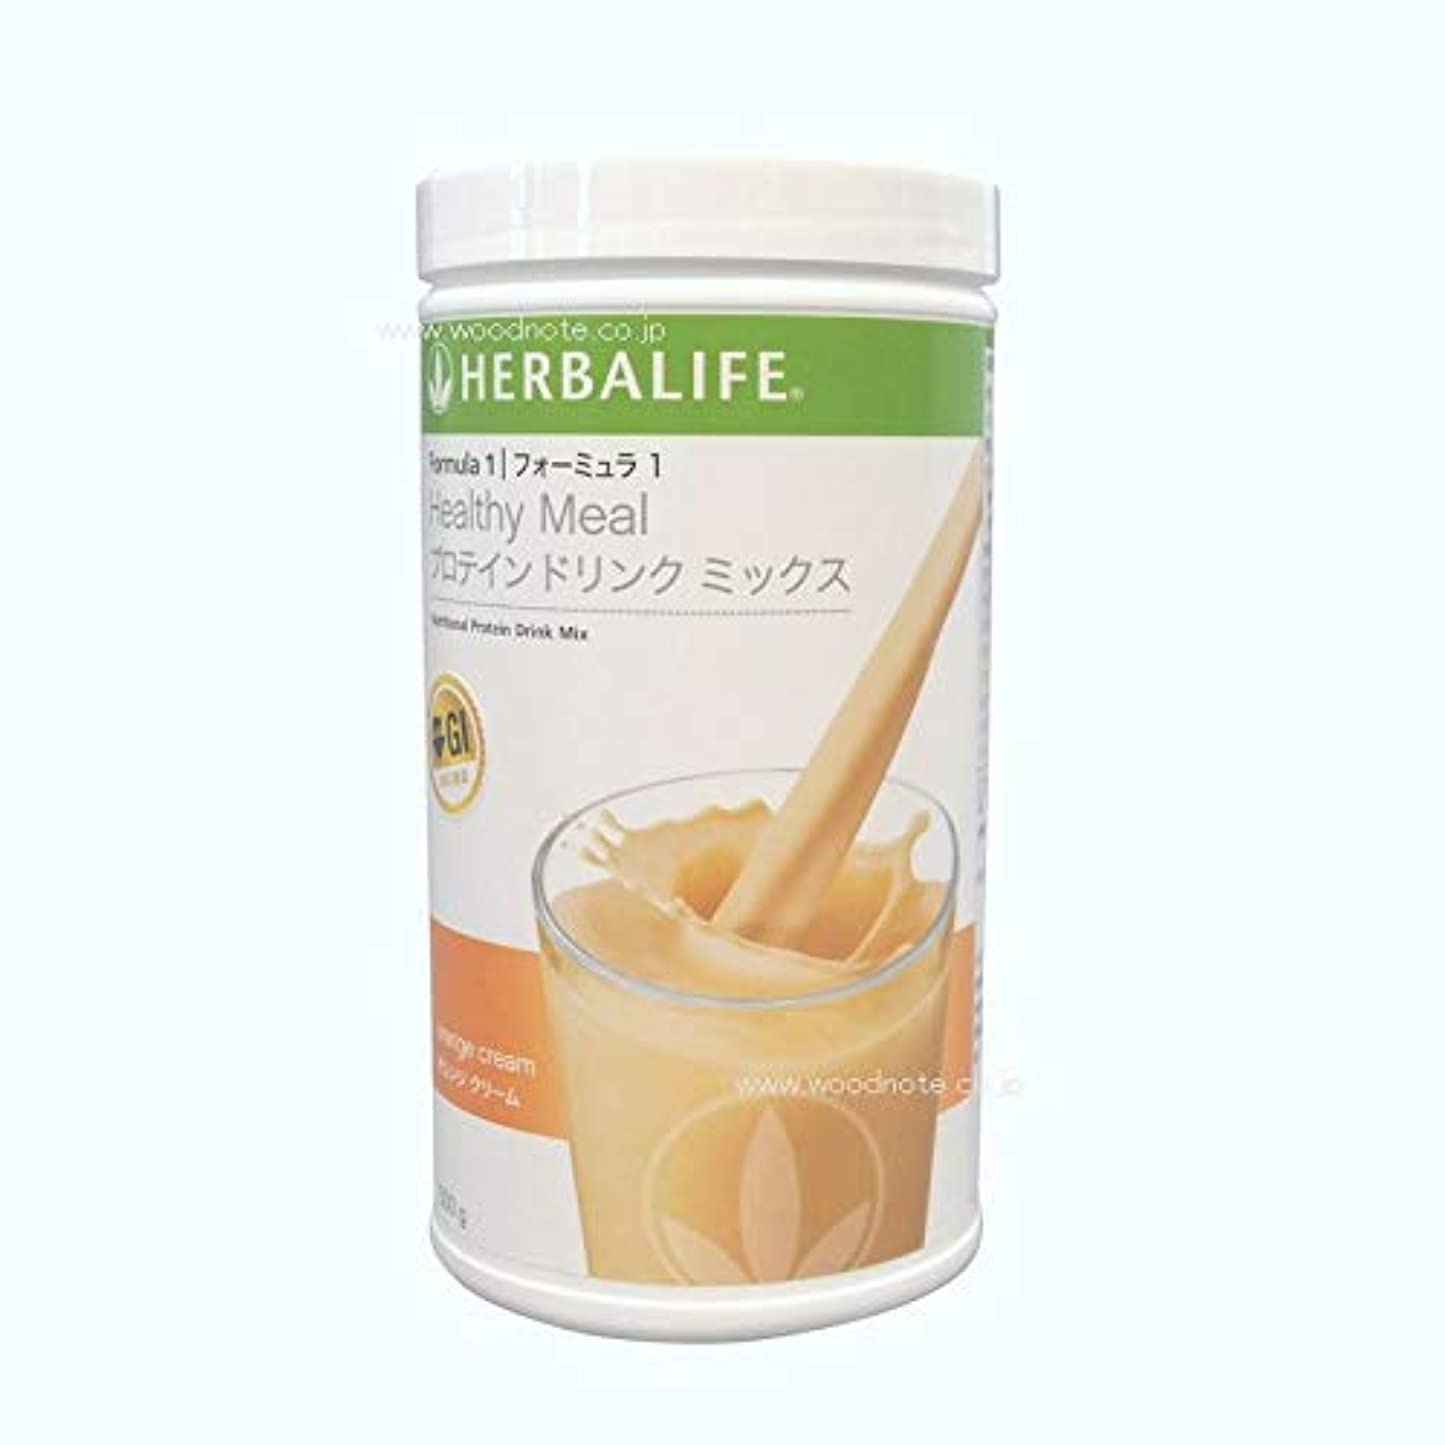 記事ホイールサイバースペースハーバライフ HERBALIFE フォーミュラ1プロテインドリンクミックス オレンジクリーム味